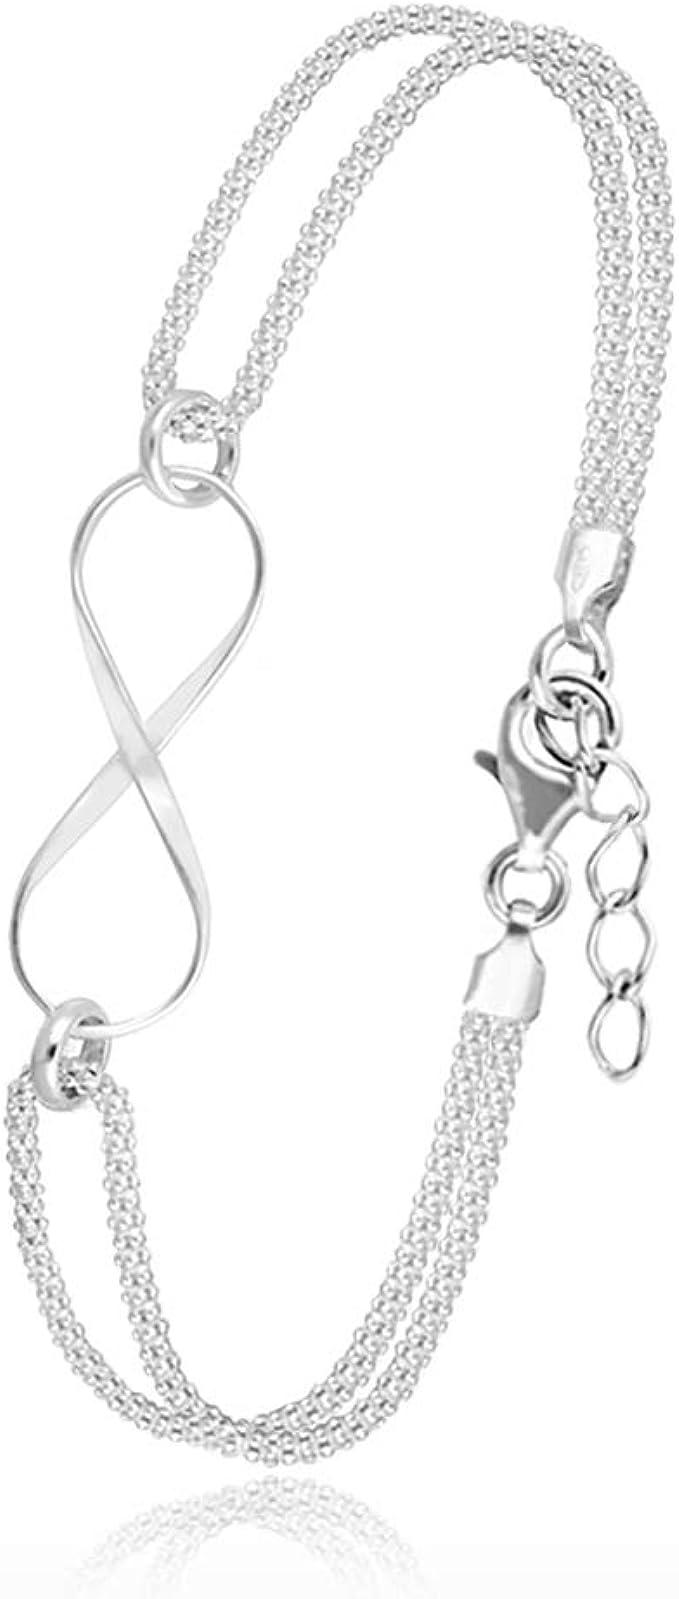 Womens Infinity Bracelet Infinity Charm Bracelet Infinity Bracelet For Women White Cord Bracelet Silver Bracelet Women Corded Bracelets Gift